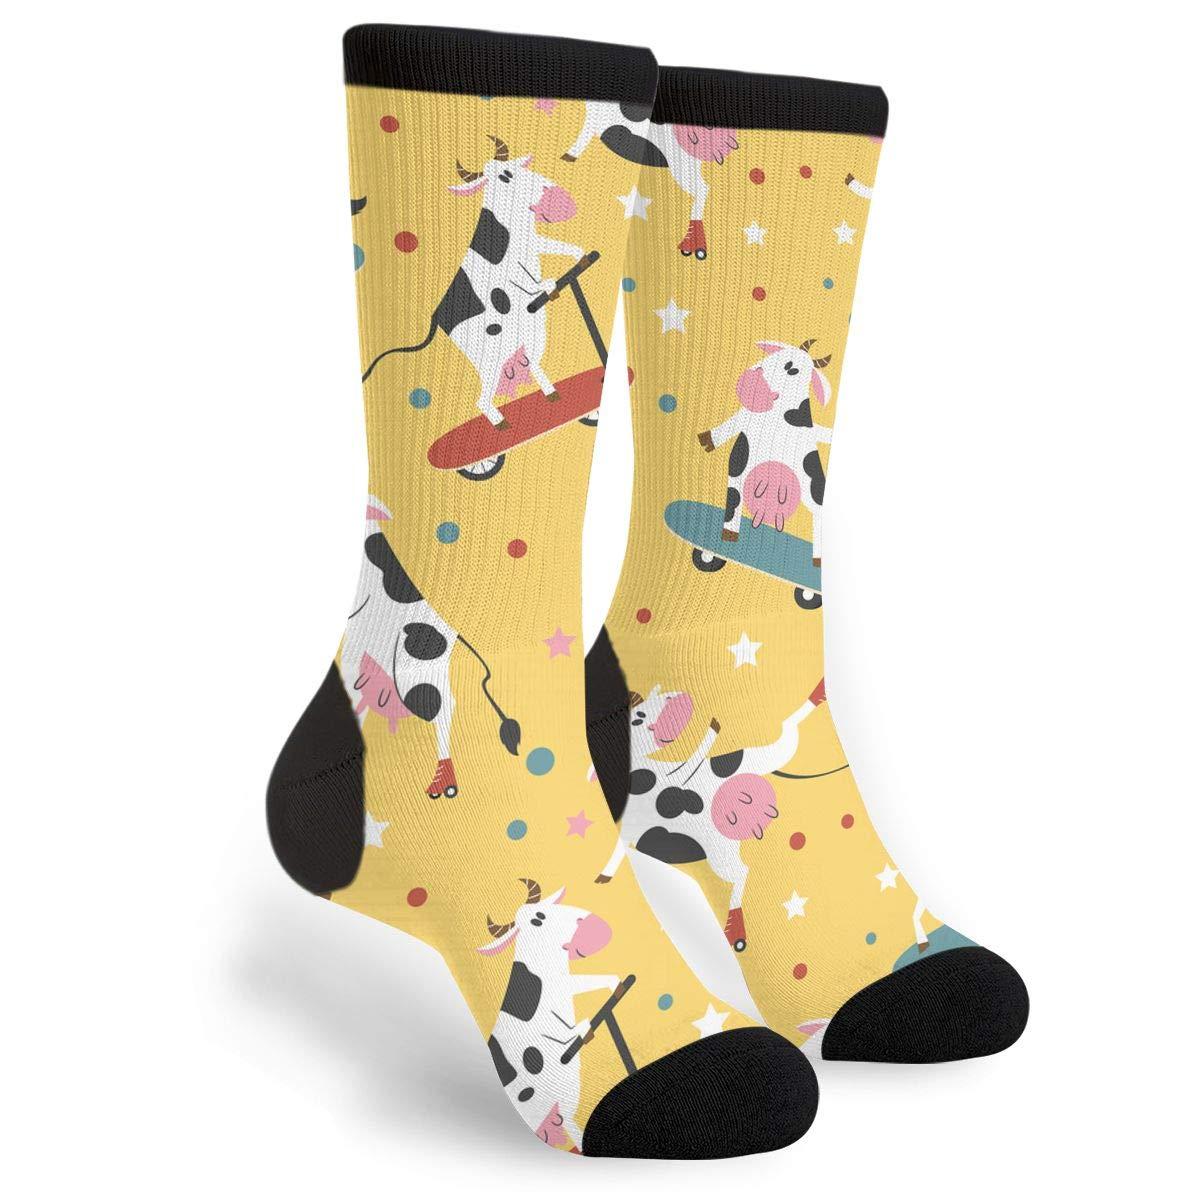 Amazon.com: Calcetines unisex divertidos con diseño de vacas ...